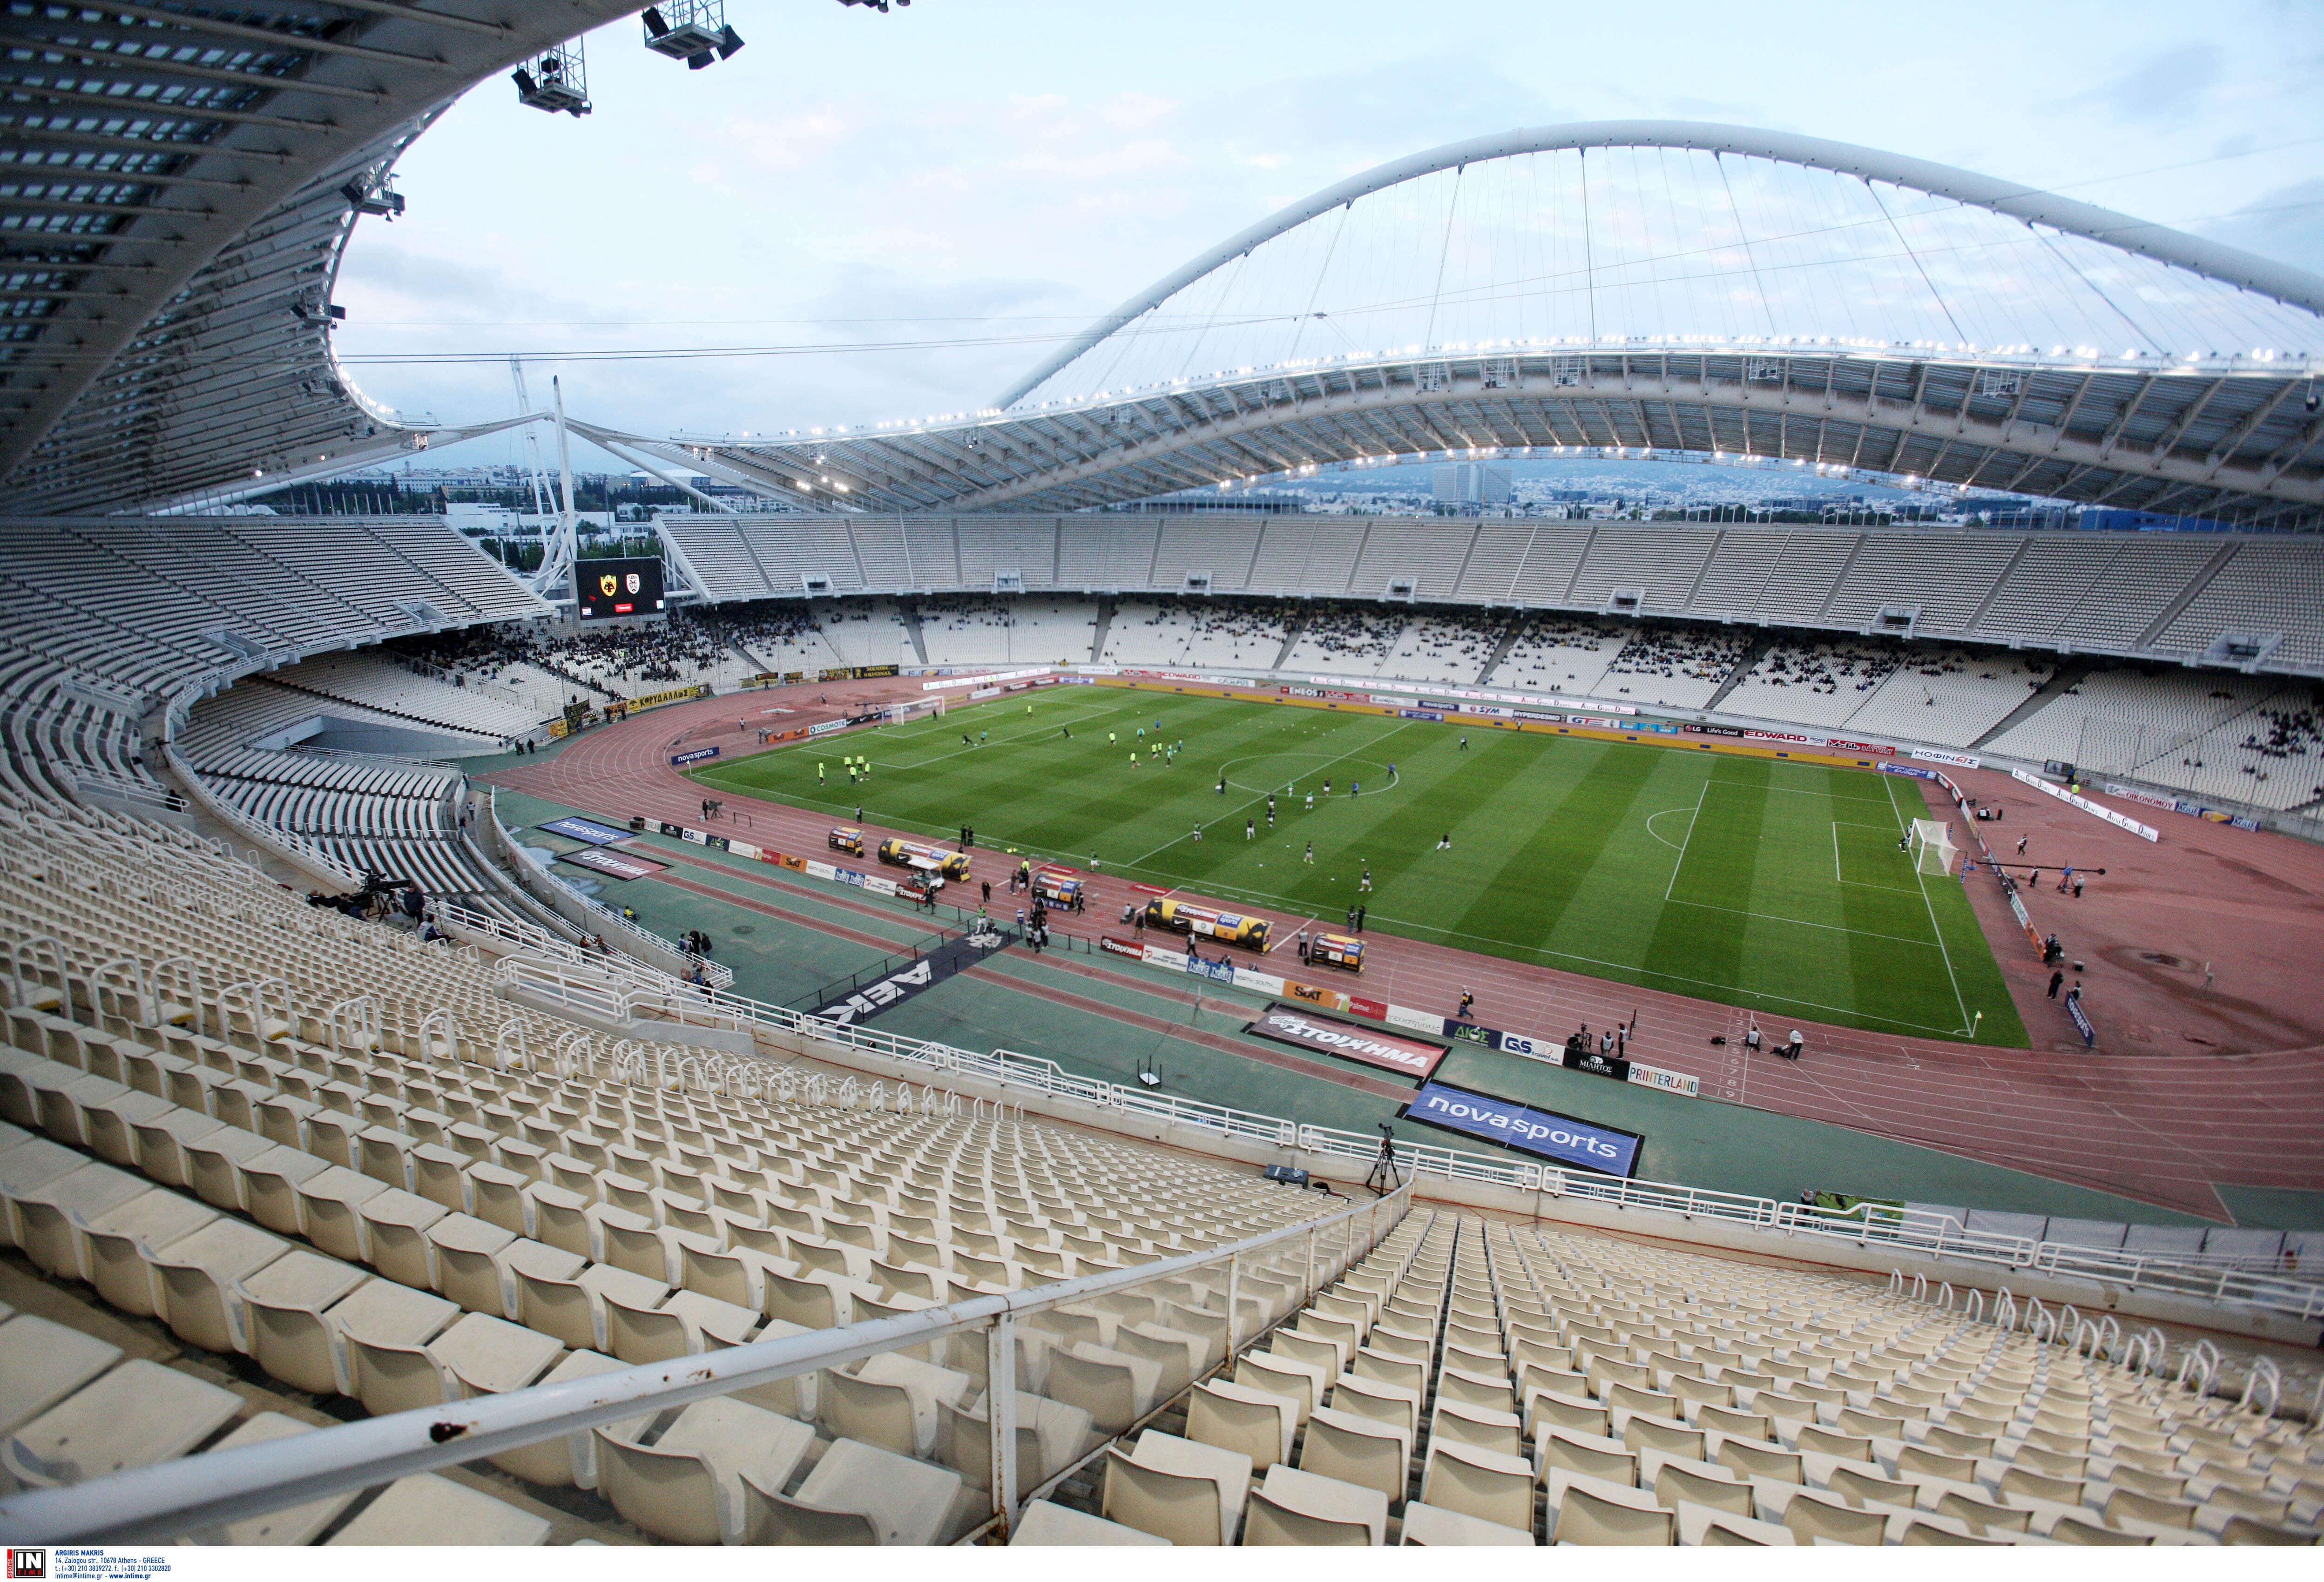 """Τελικός Κυπέλλου: Φόβοι της ΕΛ.ΑΣ για ενδεχόμενο """"ραντεβού"""" οπαδών και για τους… πανηγυρισμούς"""